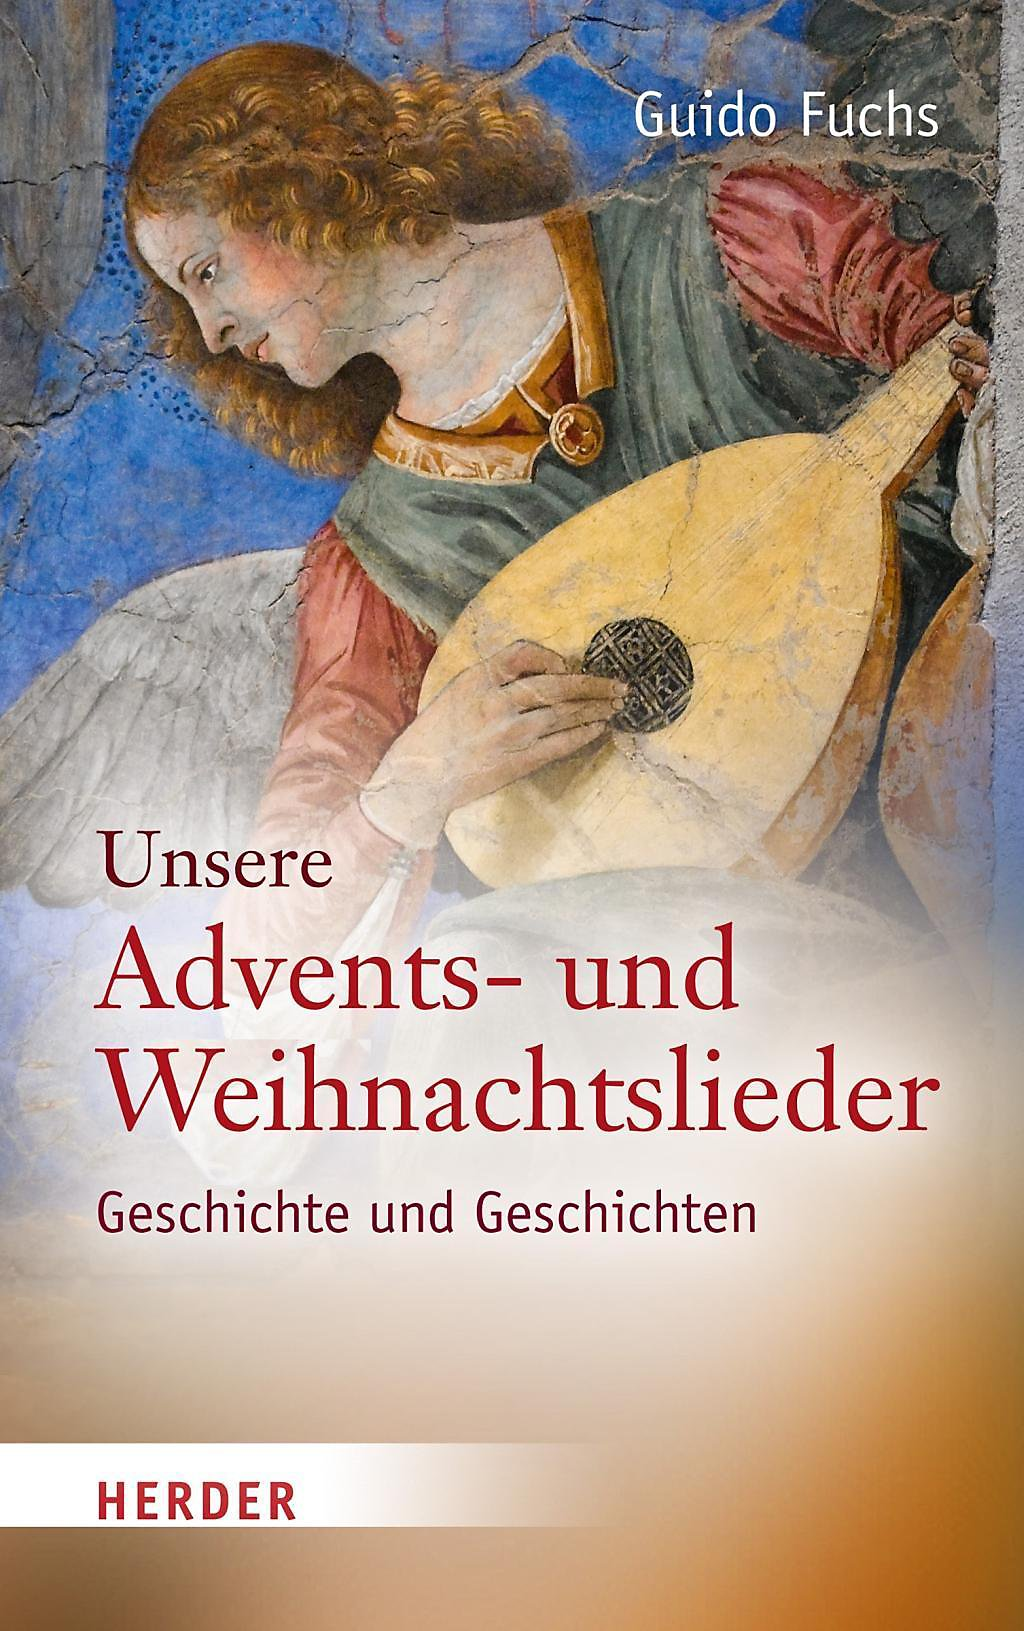 Unsere Advents- und Weihnachtslieder Buch portofrei - Weltbild.de